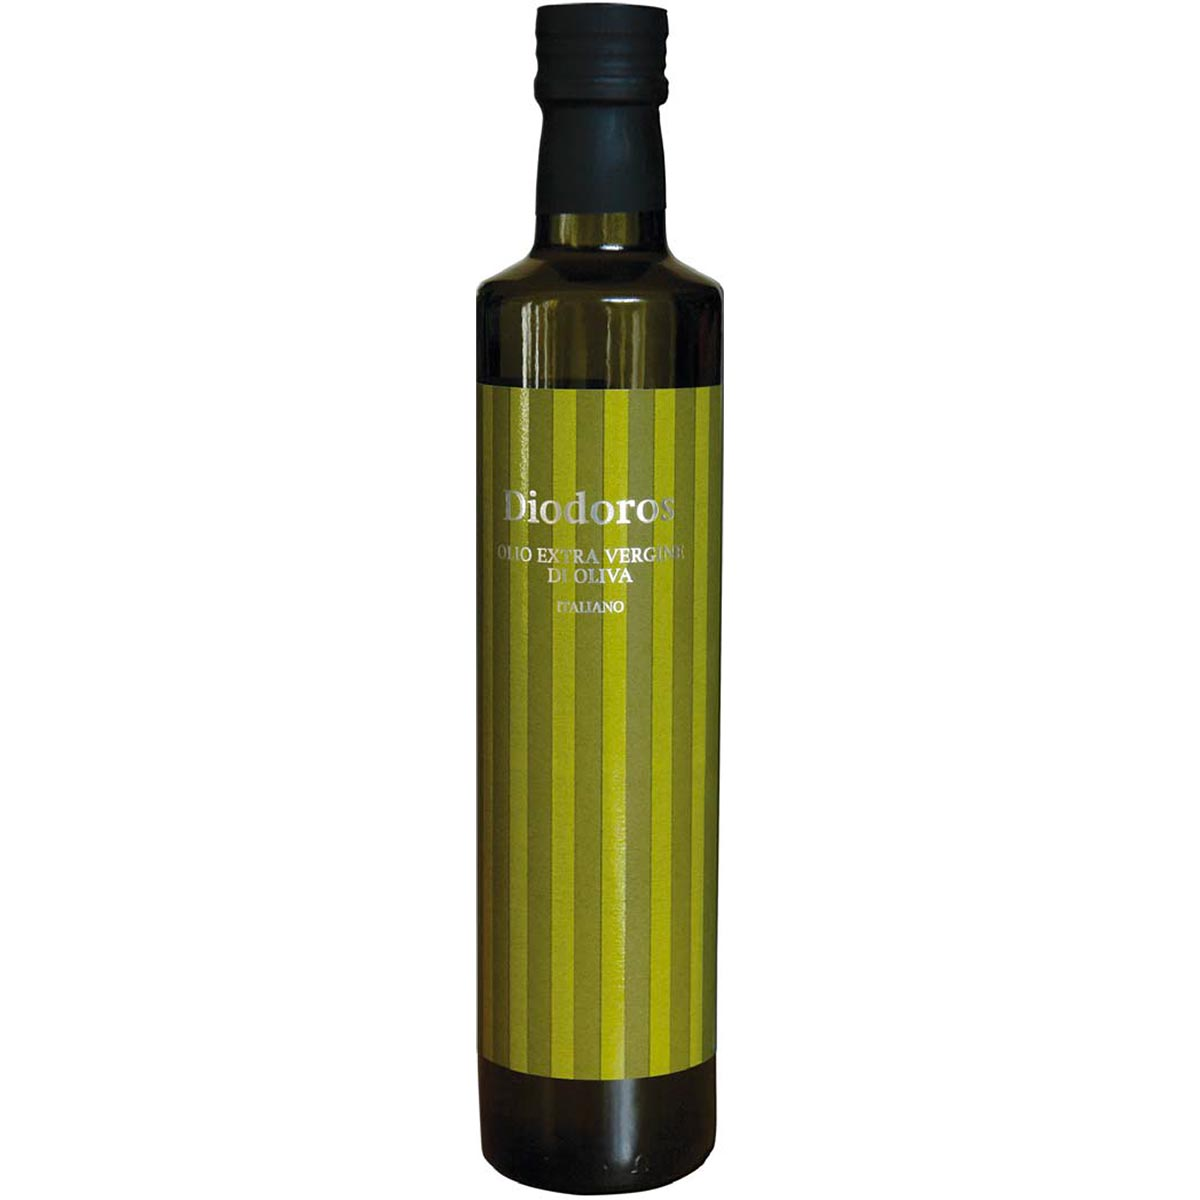 Vendita olio Extra Vergine di Oliva della Valle dei Templi di Sicilia - Olio extravergine di oliva Diodoros Val Paradiso. Disponibile esclusivamente in produzione limitata